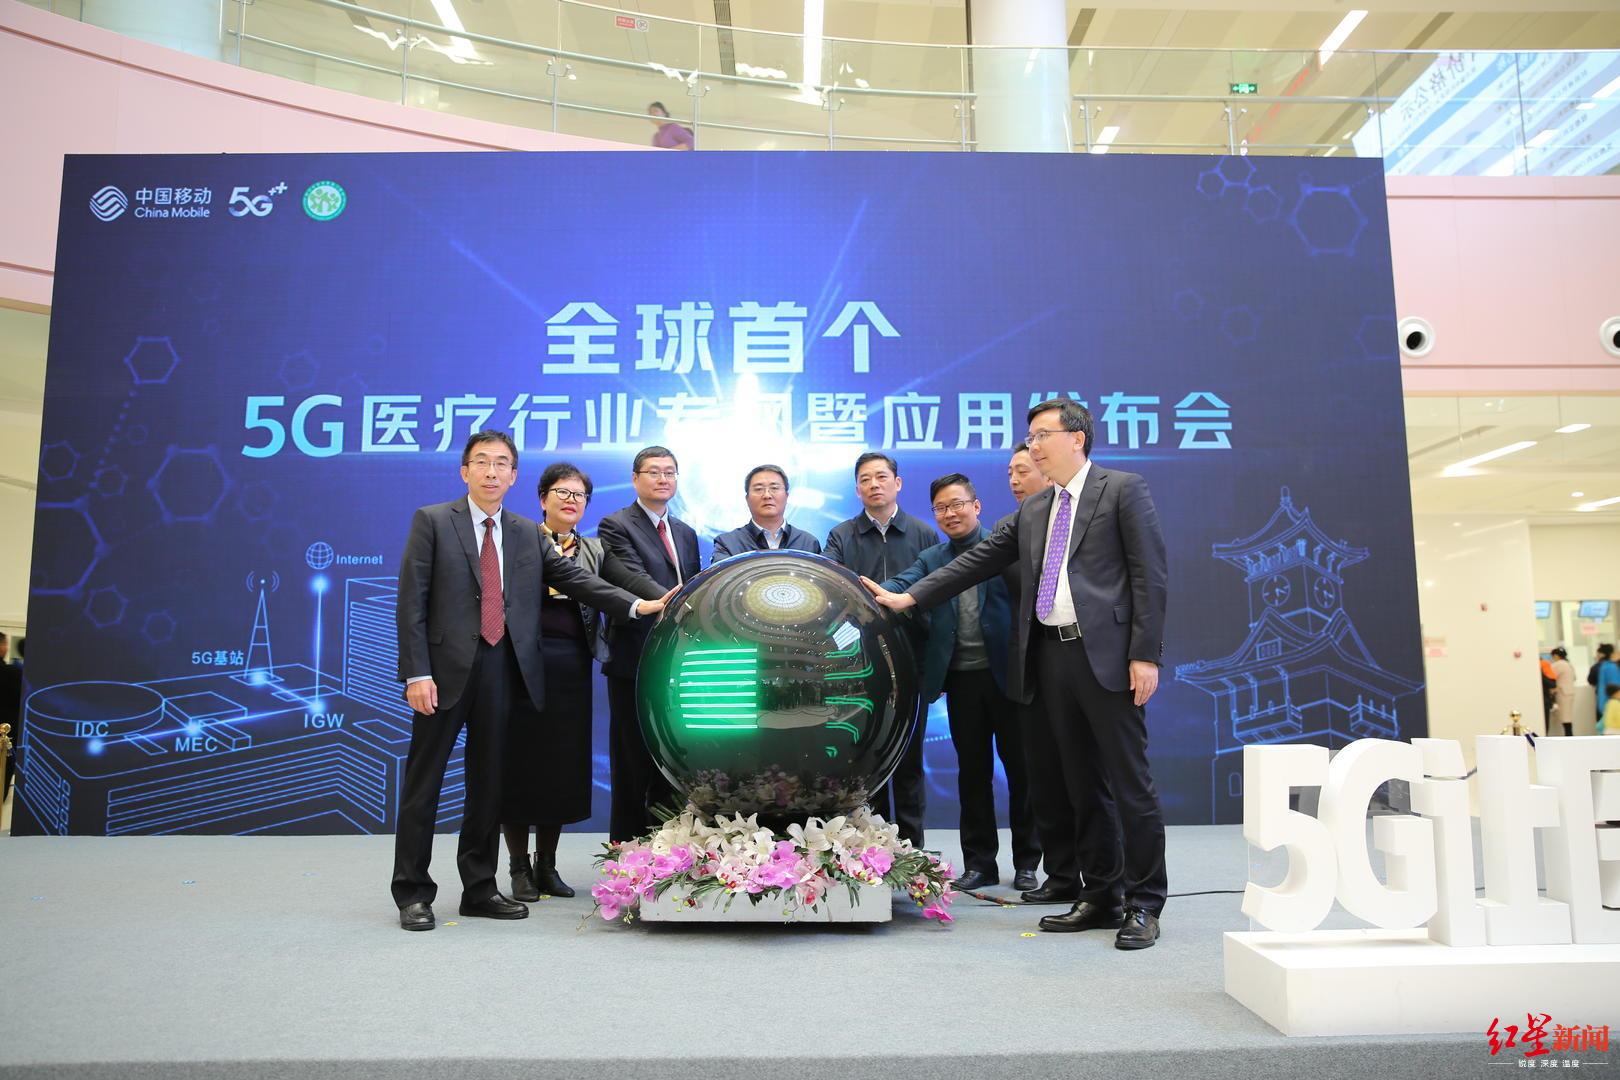 5G智慧医院来了!全球首个基于5G行业专网的医疗应用正式商用